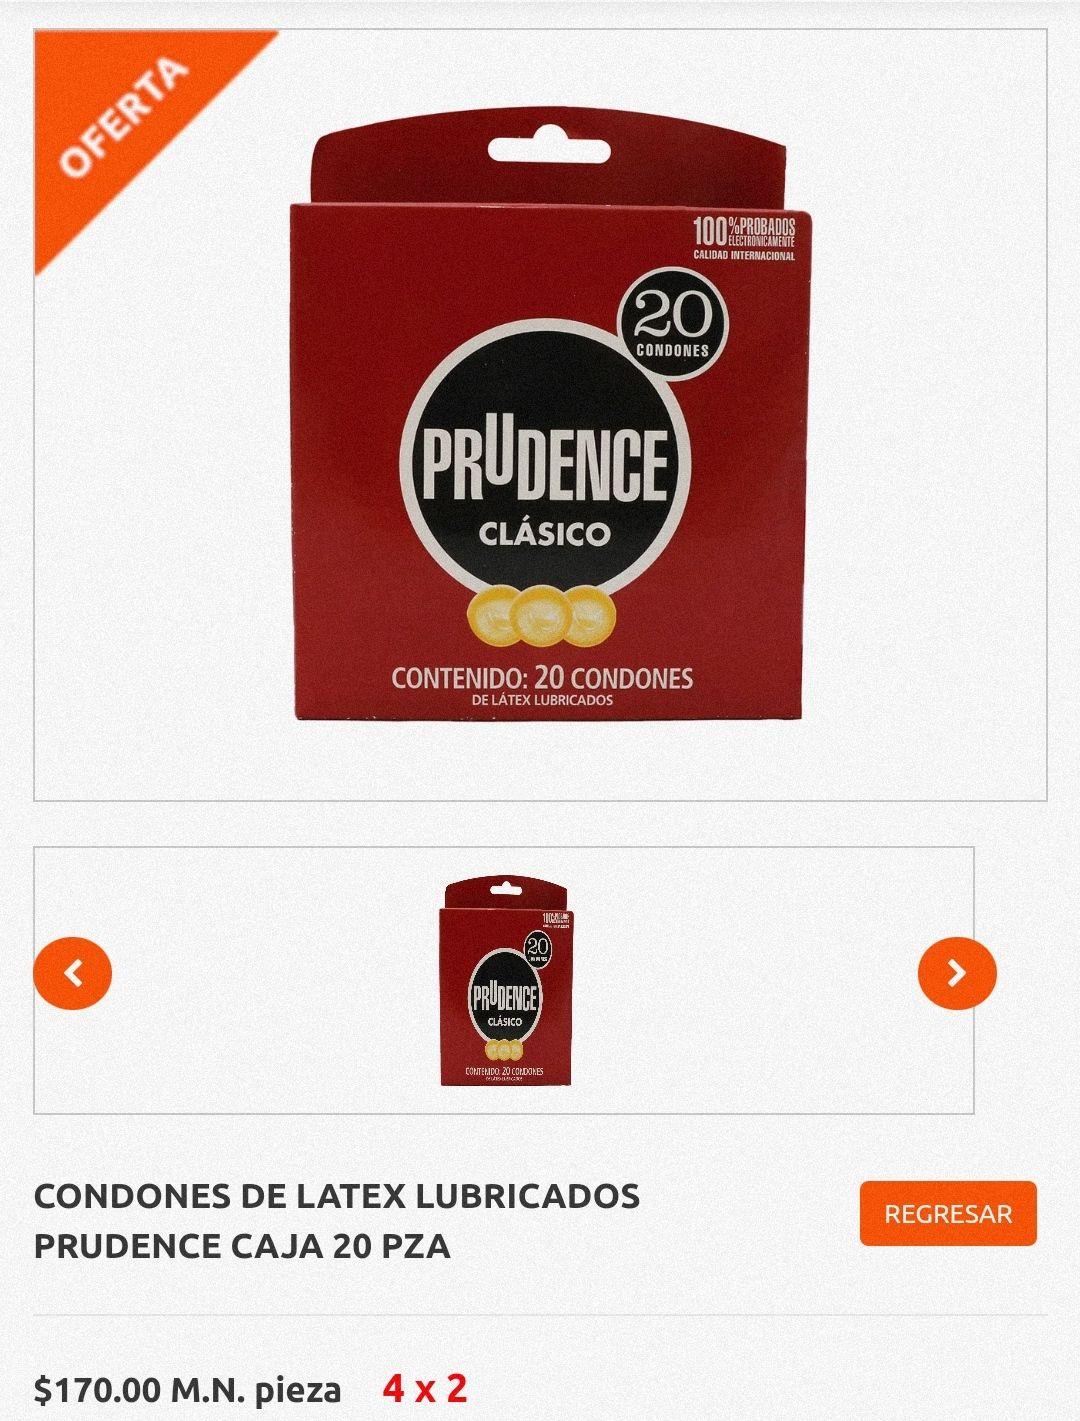 La Comer: Preservativos 4x2 (80 condones Prudence en $340)